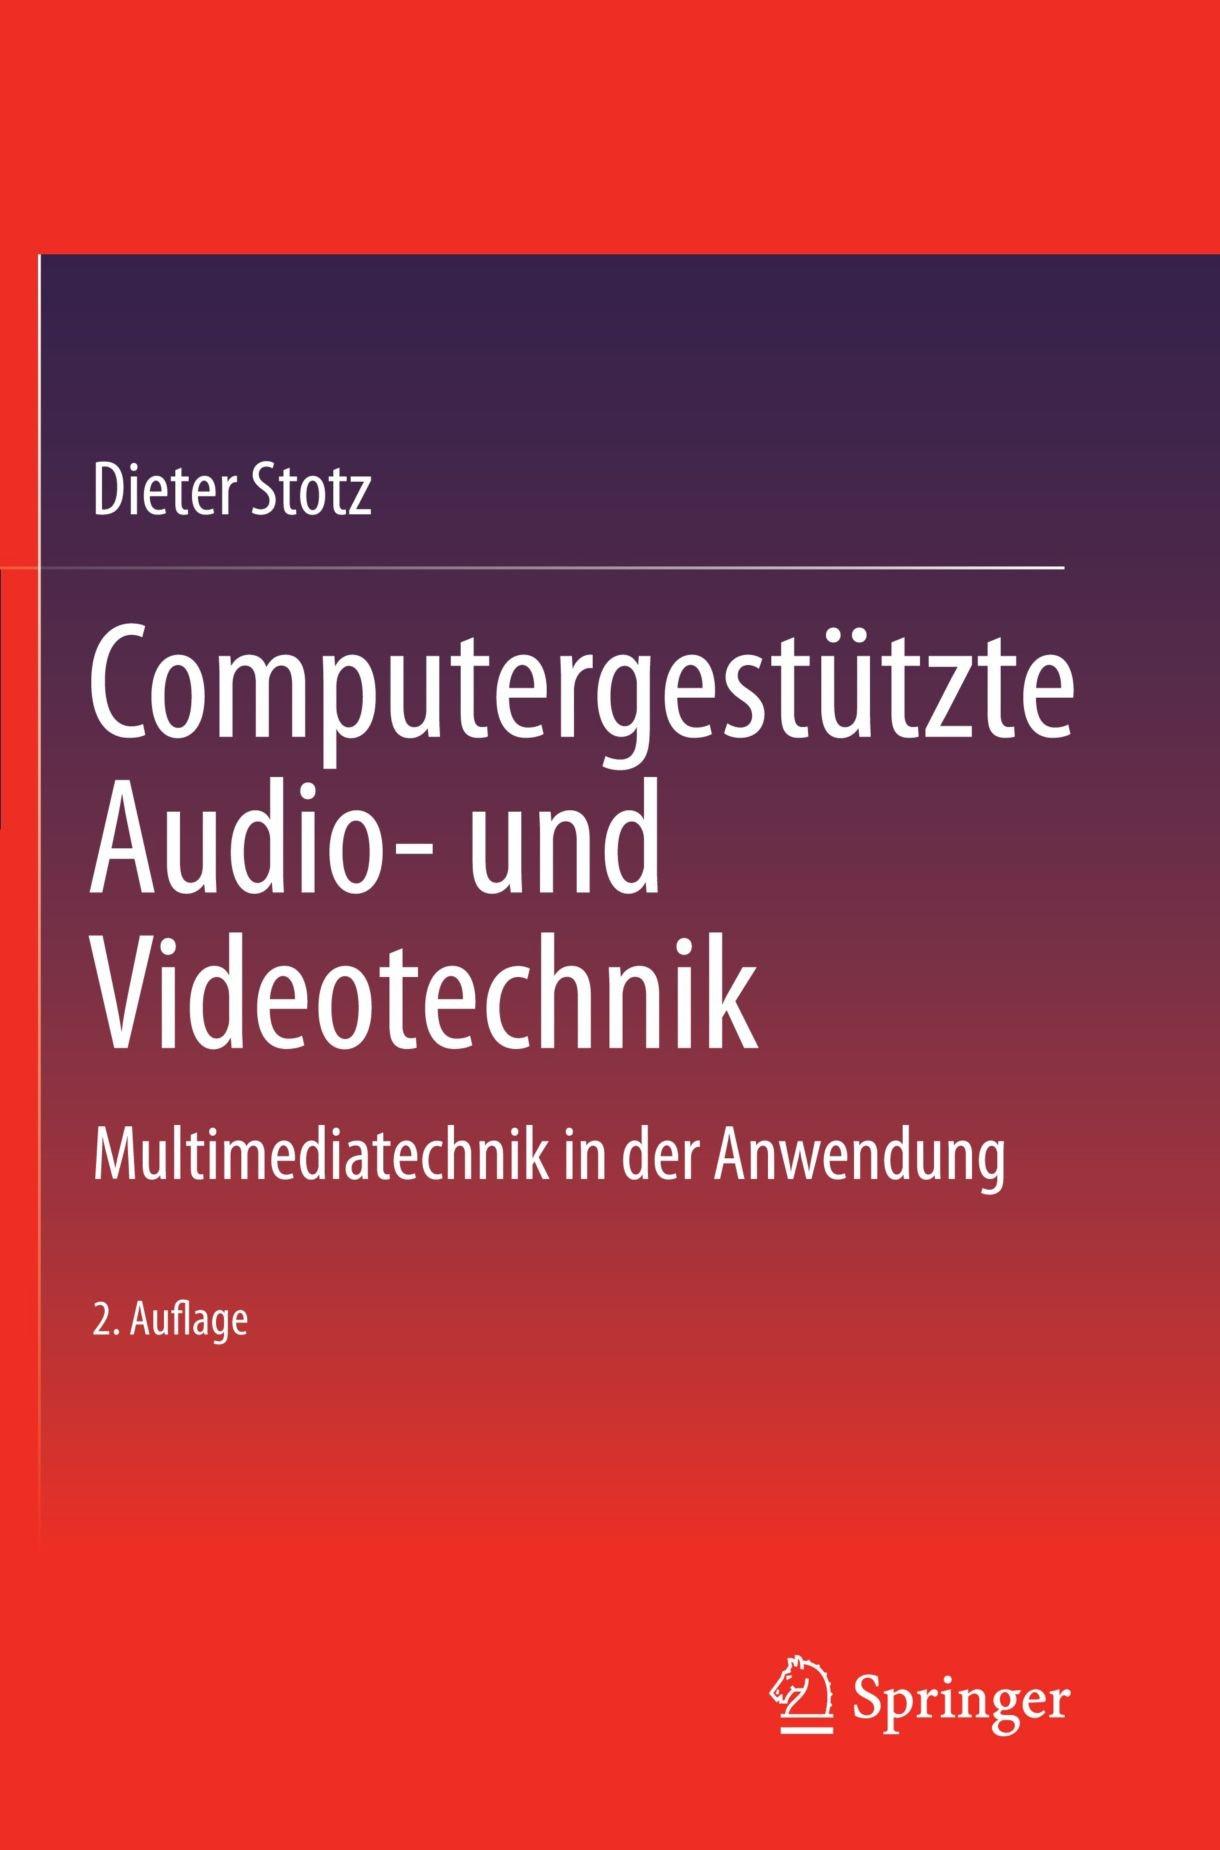 Computergestützte Audio- und Videotechnik: Multimediatechnik in der Anwendung (German Edition)